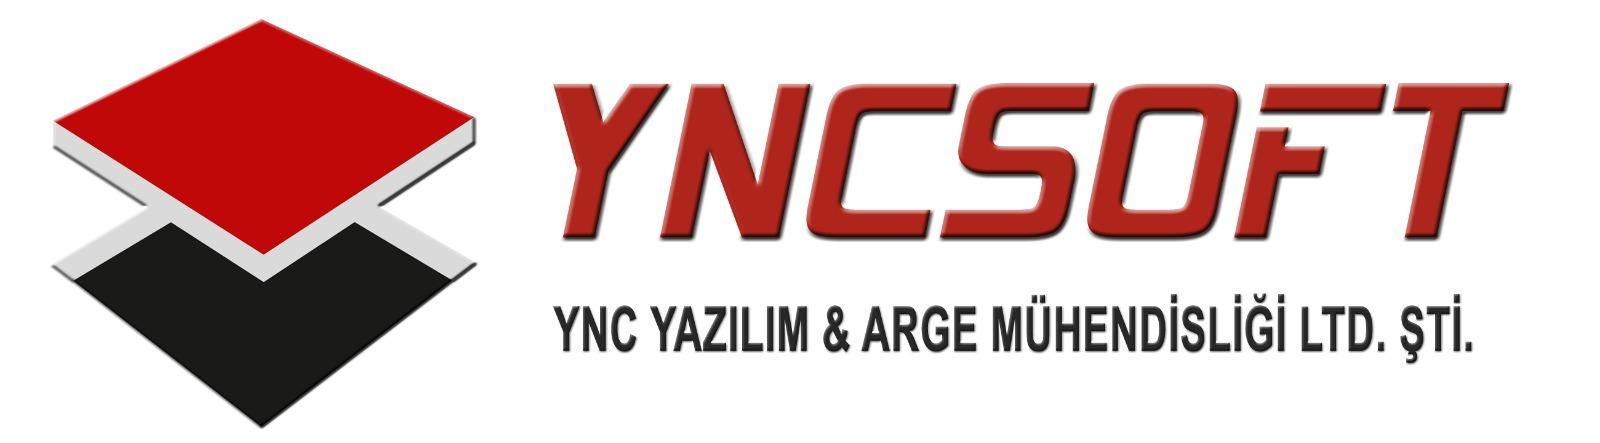 YNC YAZILIM  ve AR GE MÜHENDİSLİĞİ SAN.ve TİC.LTD.ŞTİ.